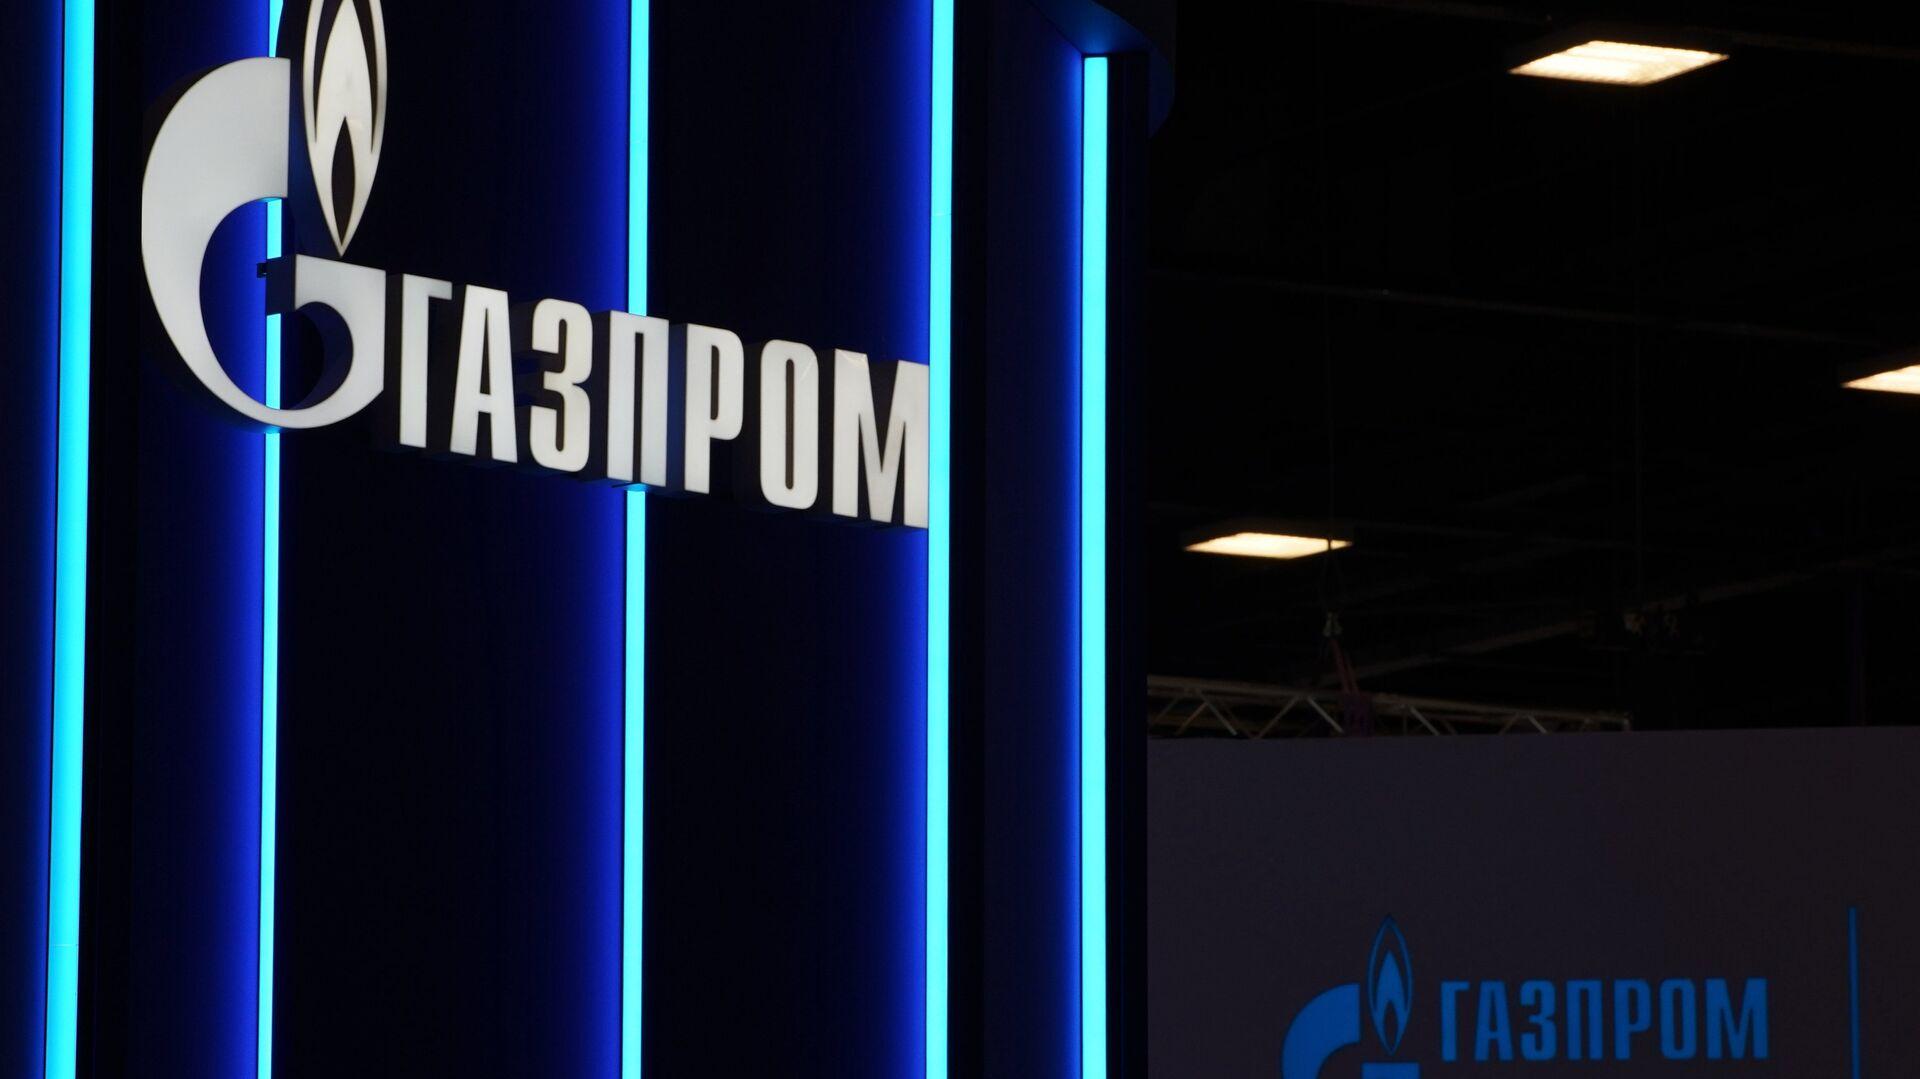 Российский газ в ЕС нарасхват: поставки рекордные, интерес стабильный